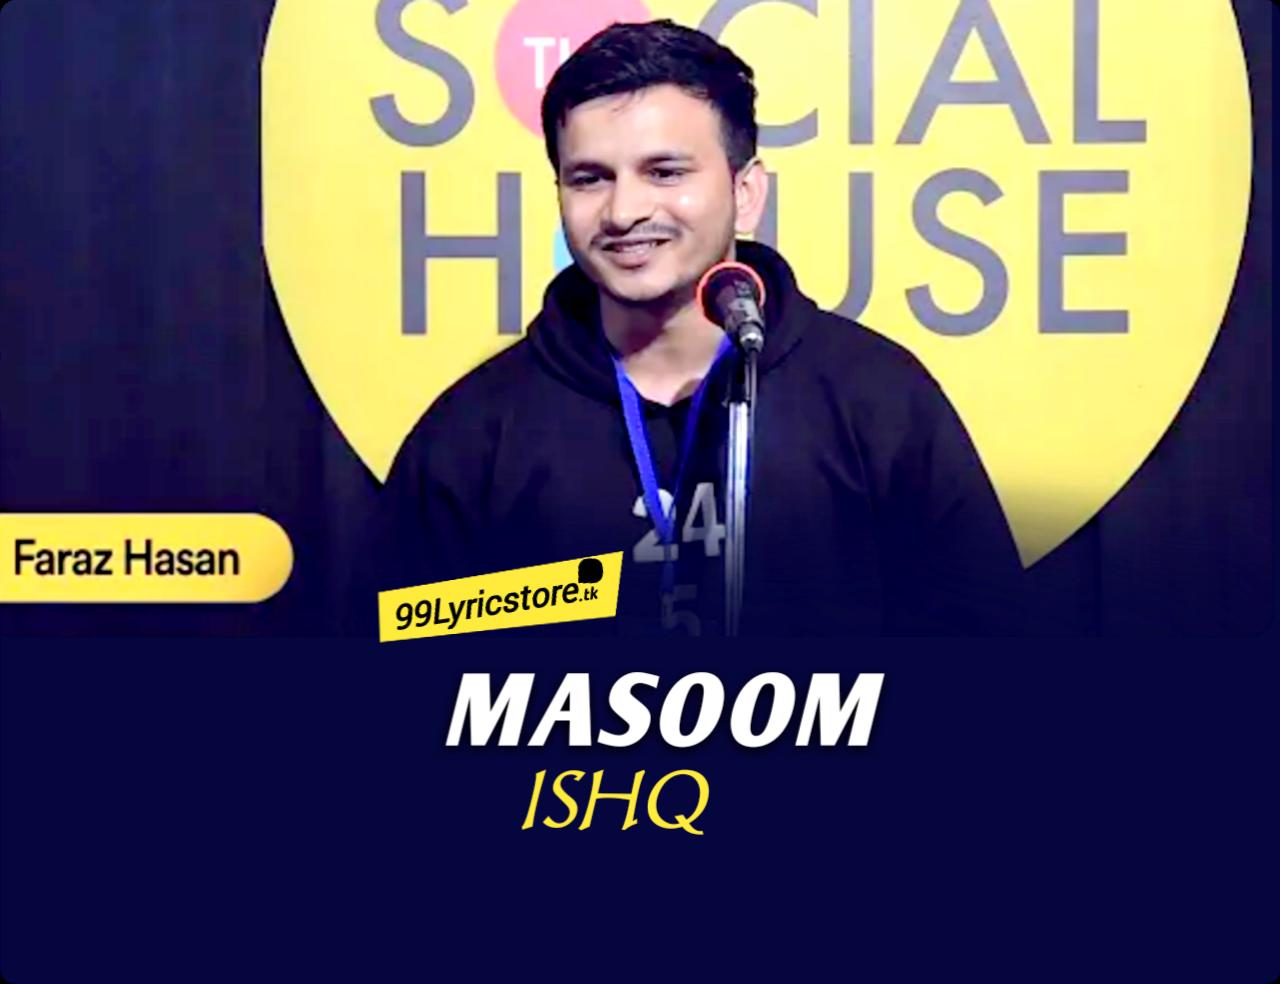 Masoom ishq  by Faraz hasan, masoom Ishq performance on stage of the social house